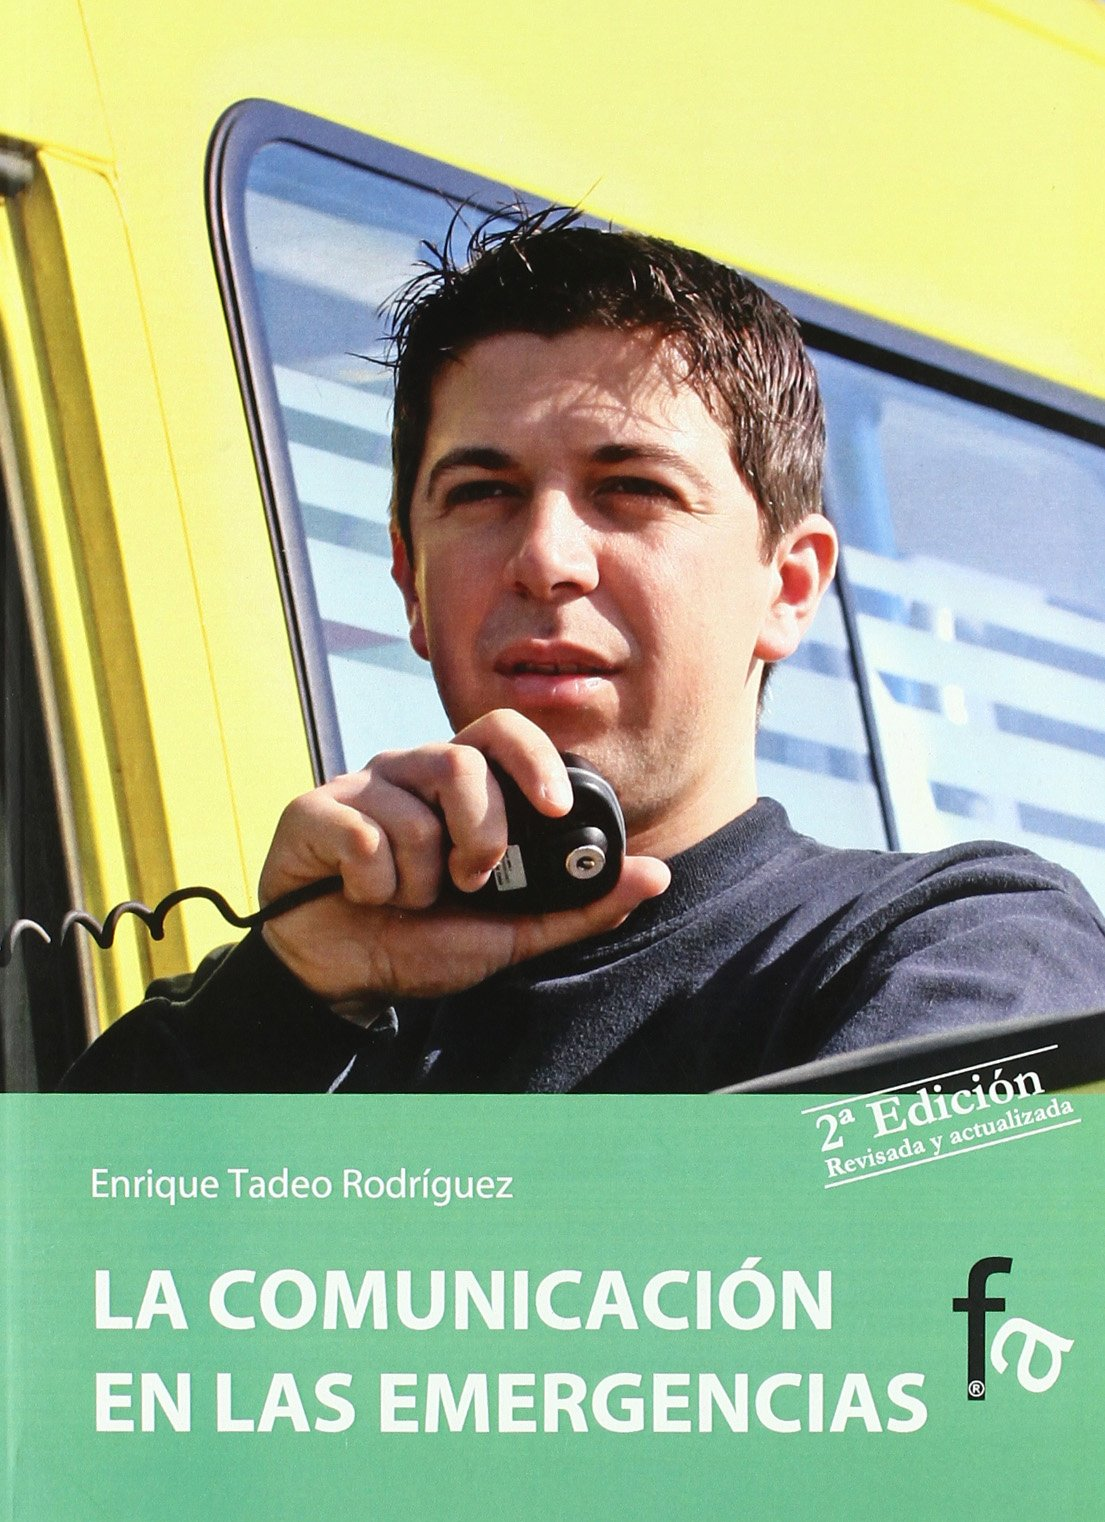 La comunicación en las emergencias: Enrique Tadeo Rodríguez ...